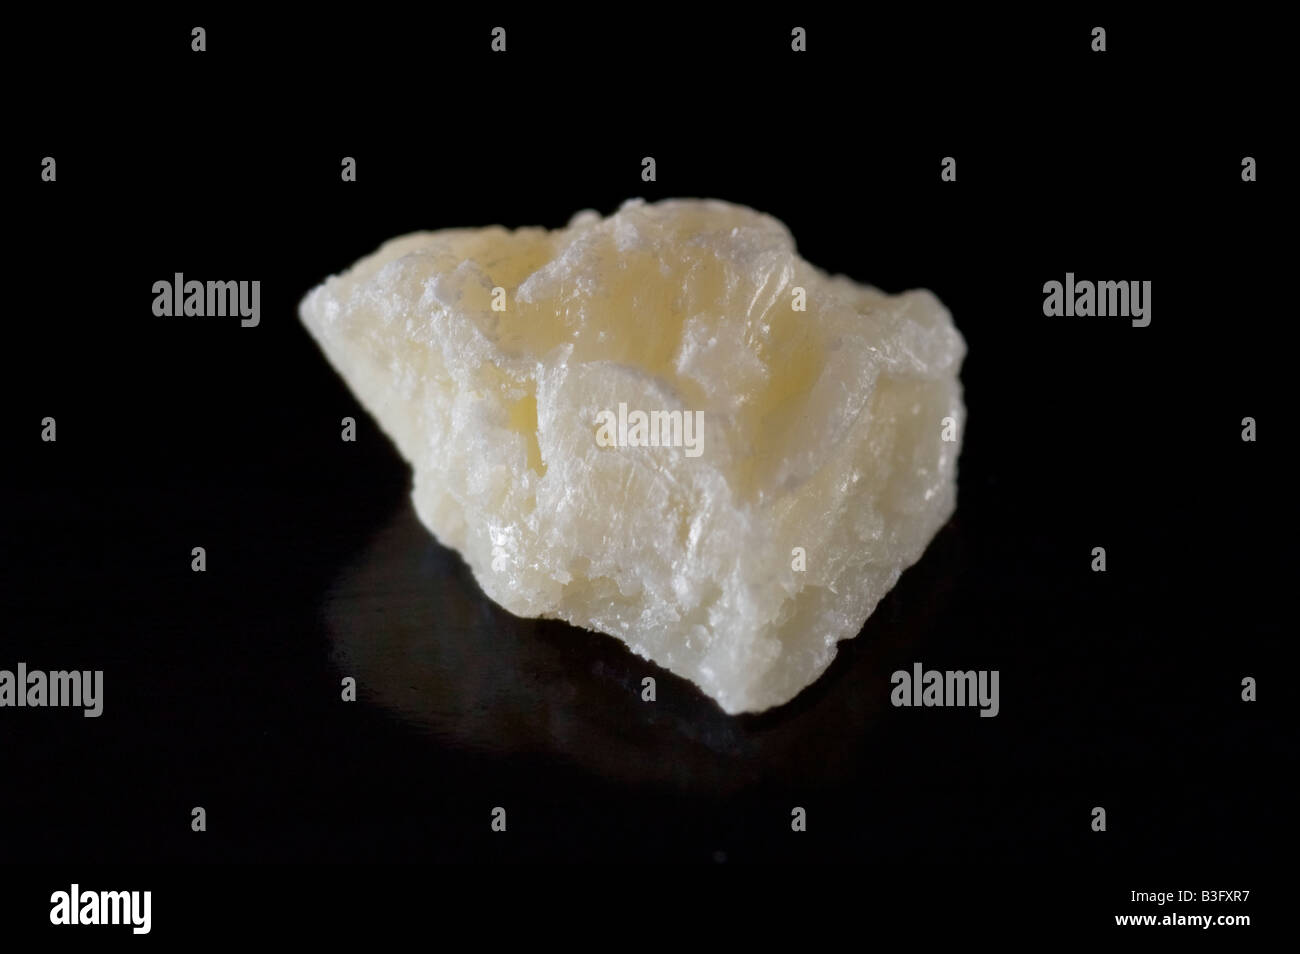 crack rock images